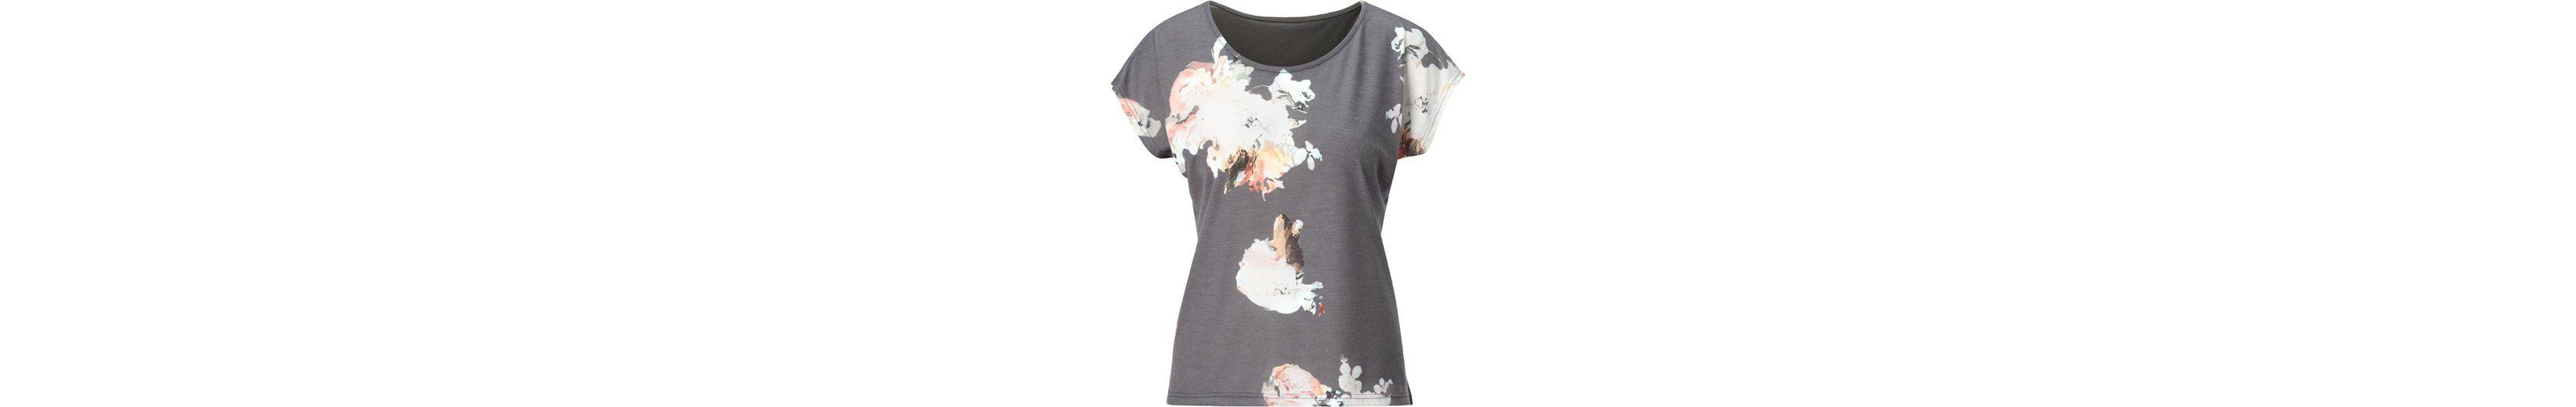 Ambria Shirt mit großen Blüten bedruckt Freies Verschiffen Besuch Neu Spielraum Mit Paypal VyLVE9